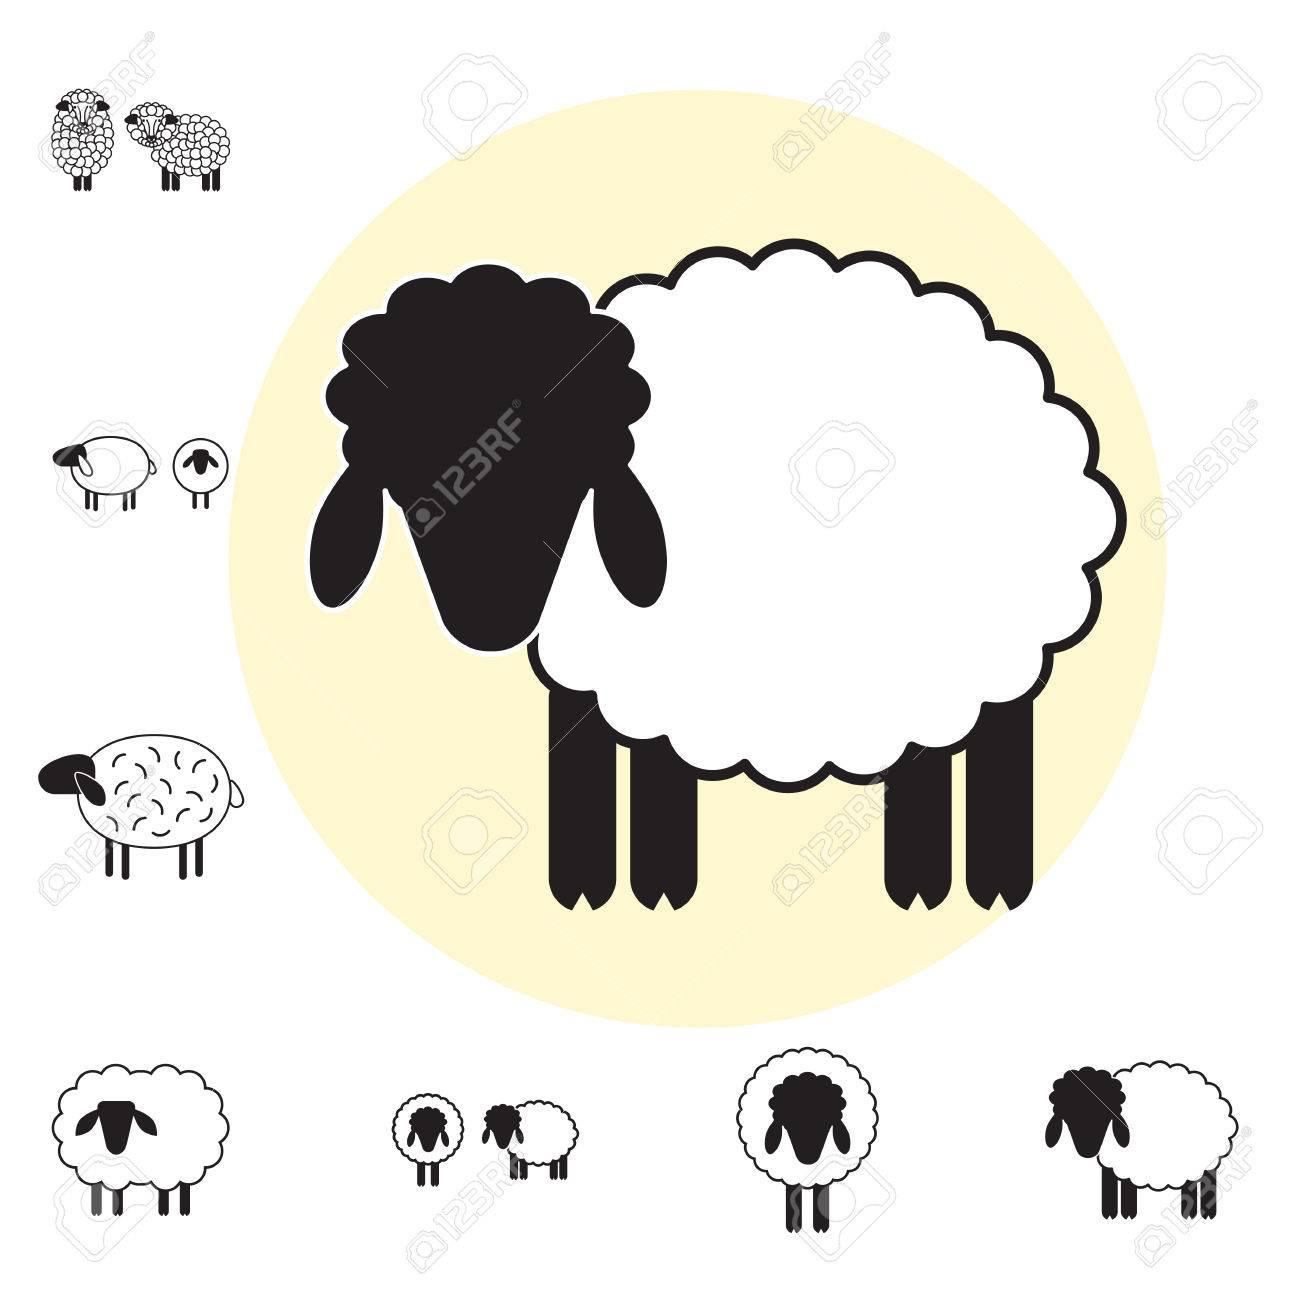 Ovejas O Ram Icono, Logotipo, Plantilla, Pictograma. Símbolo Moderno ...